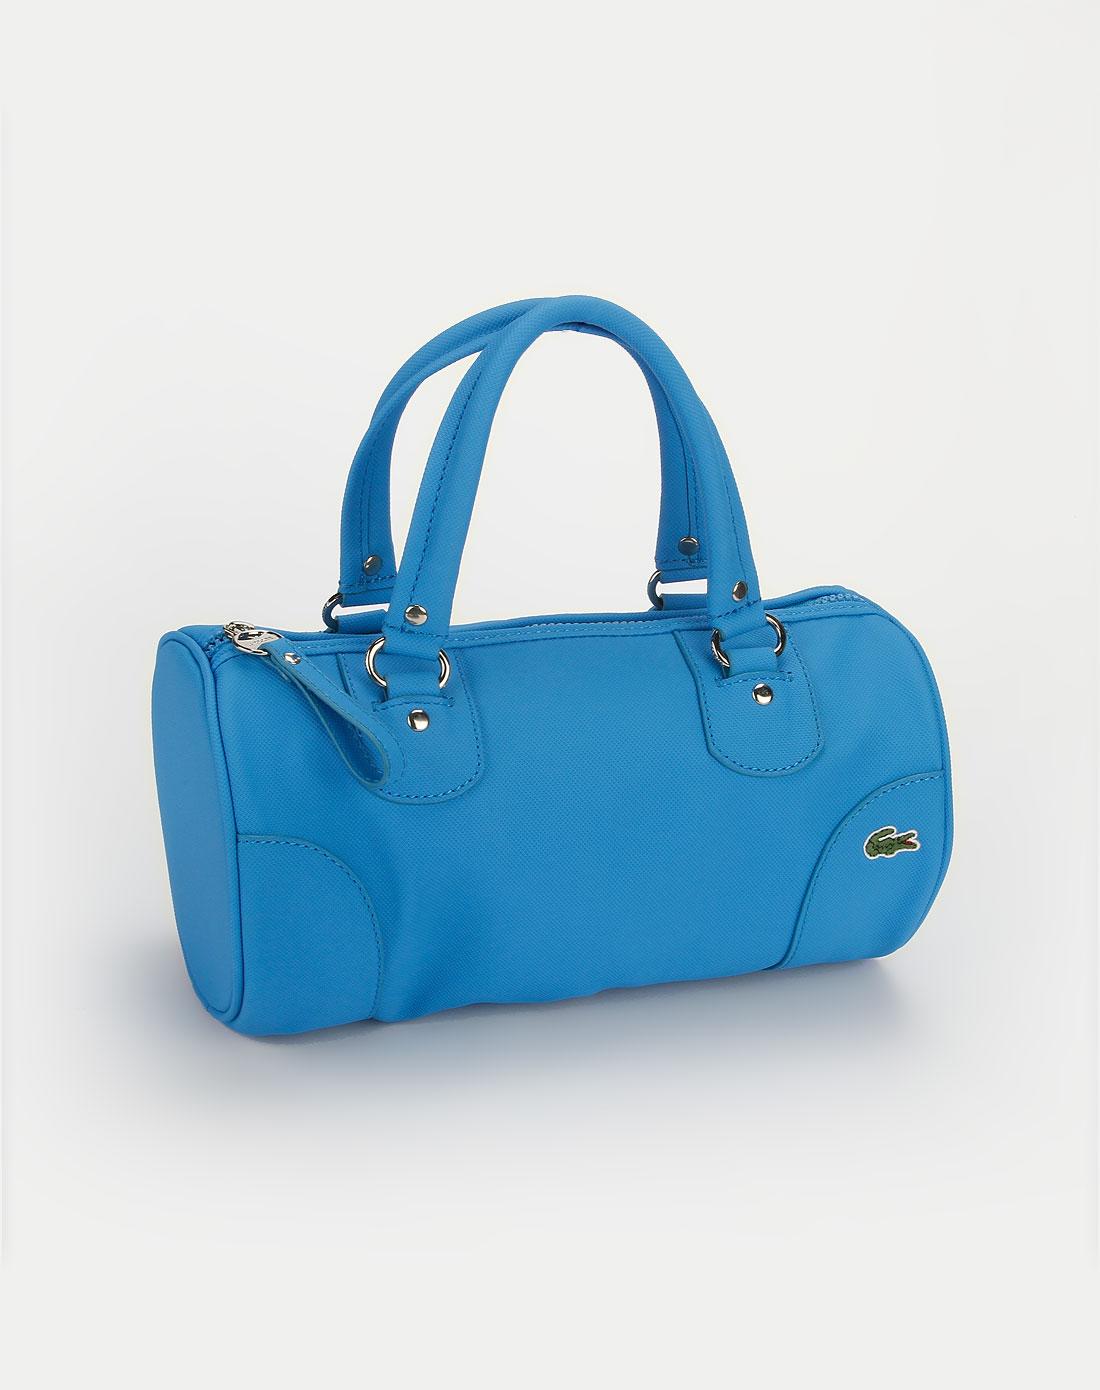 法国鳄鱼包包lacoste蓝色休闲手提包